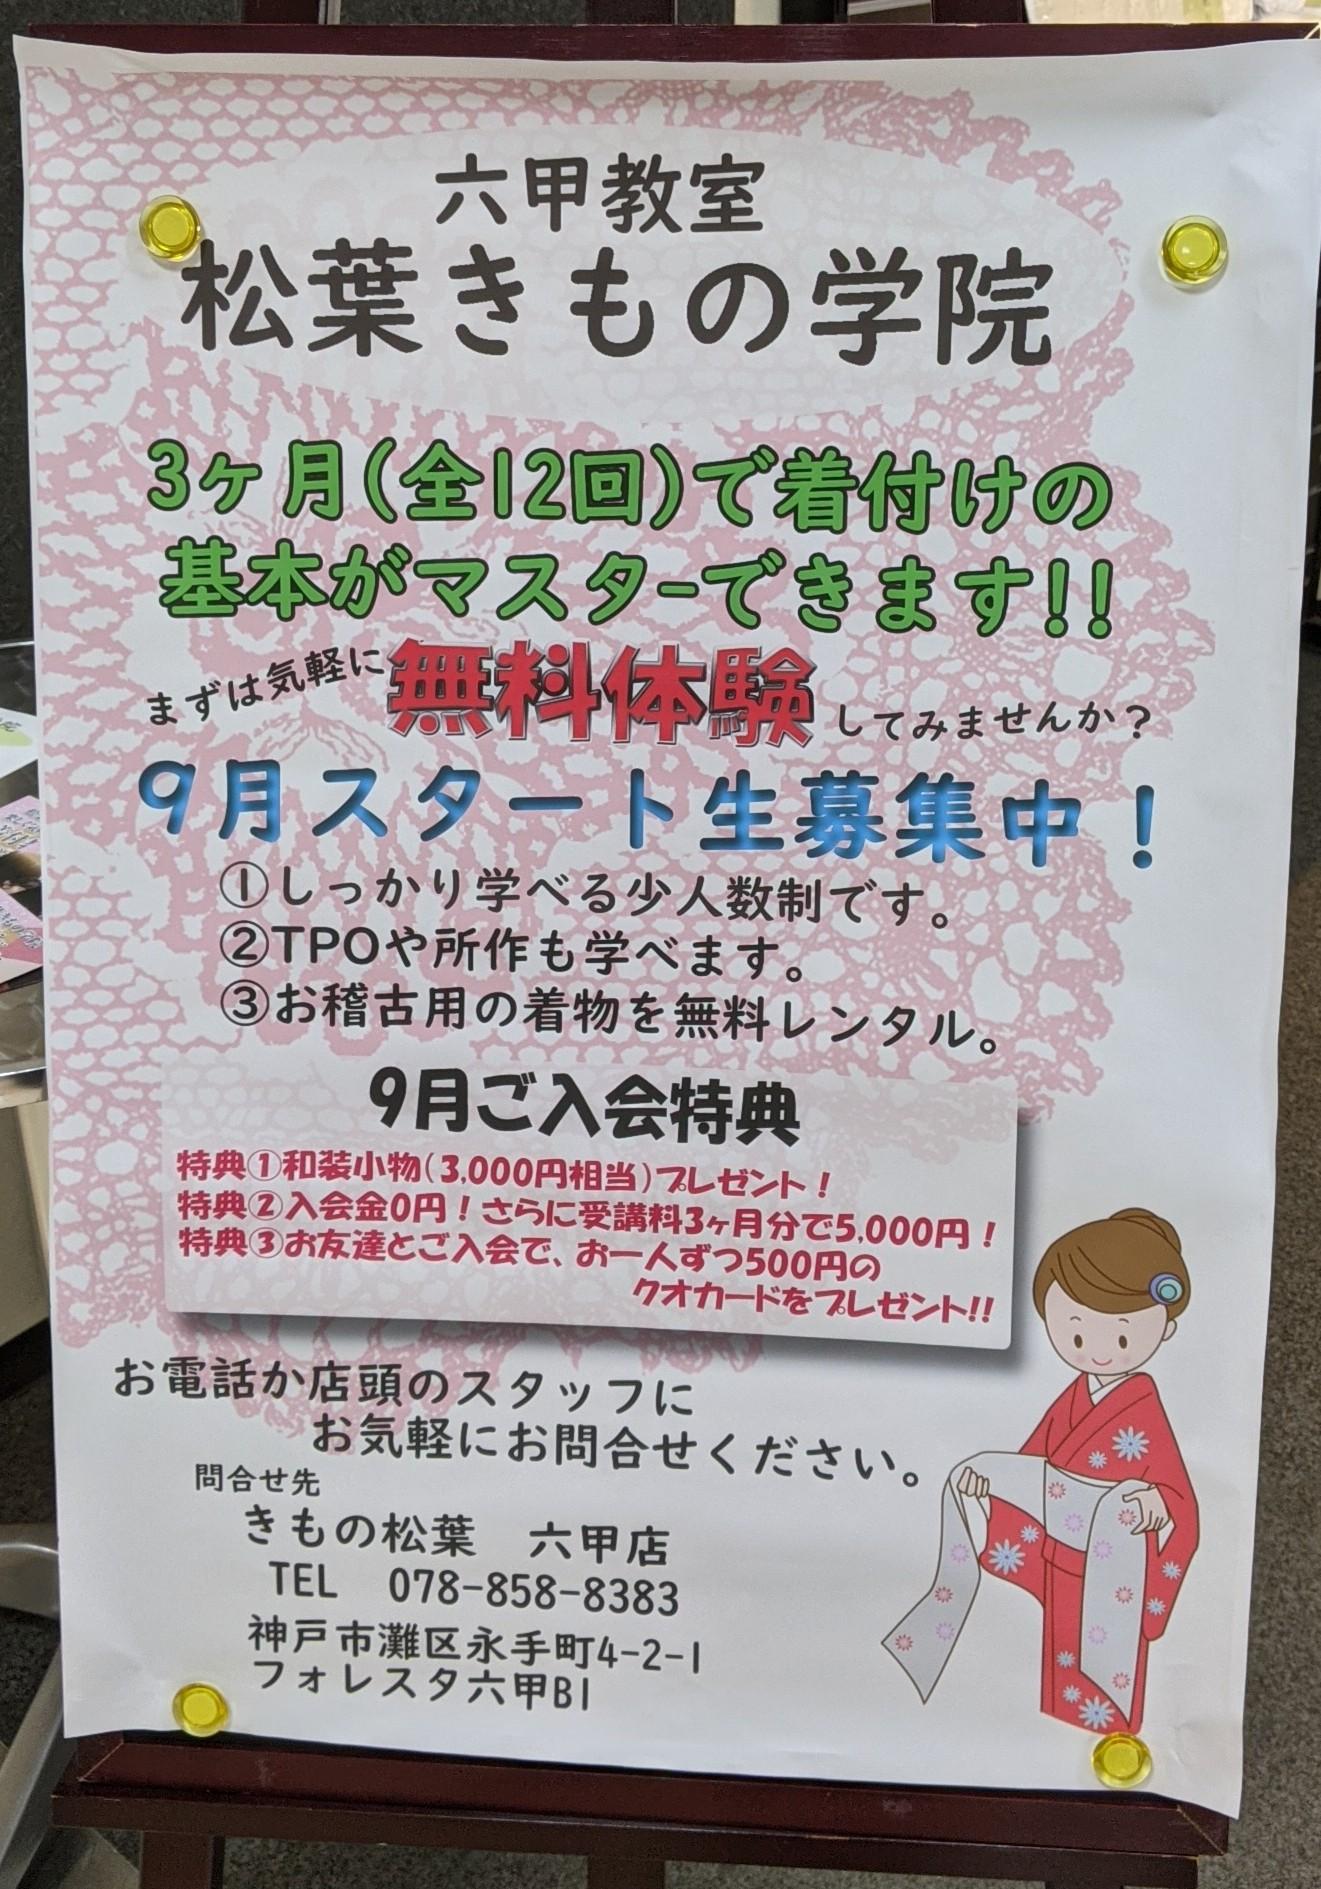 9月生募集スタート‼️ 神戸六甲のお手軽着付け教室です✨